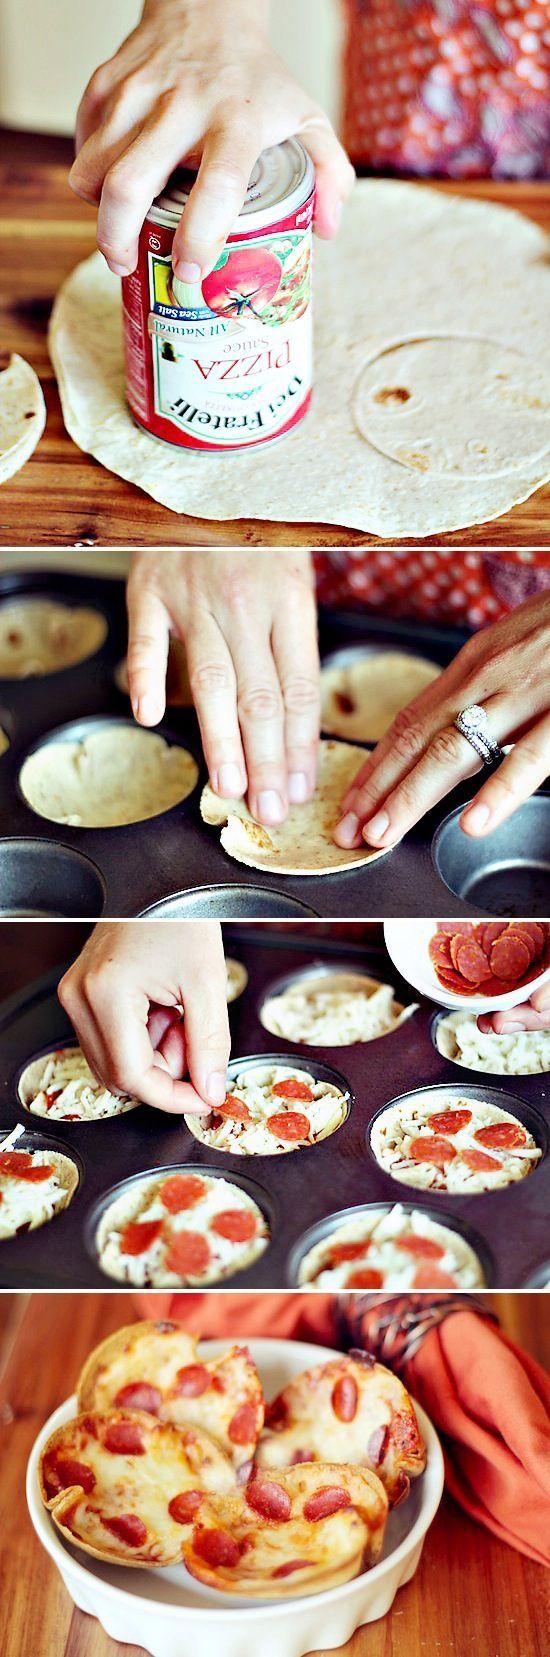 recipebyphoto.com - Mini pizzas rápidas